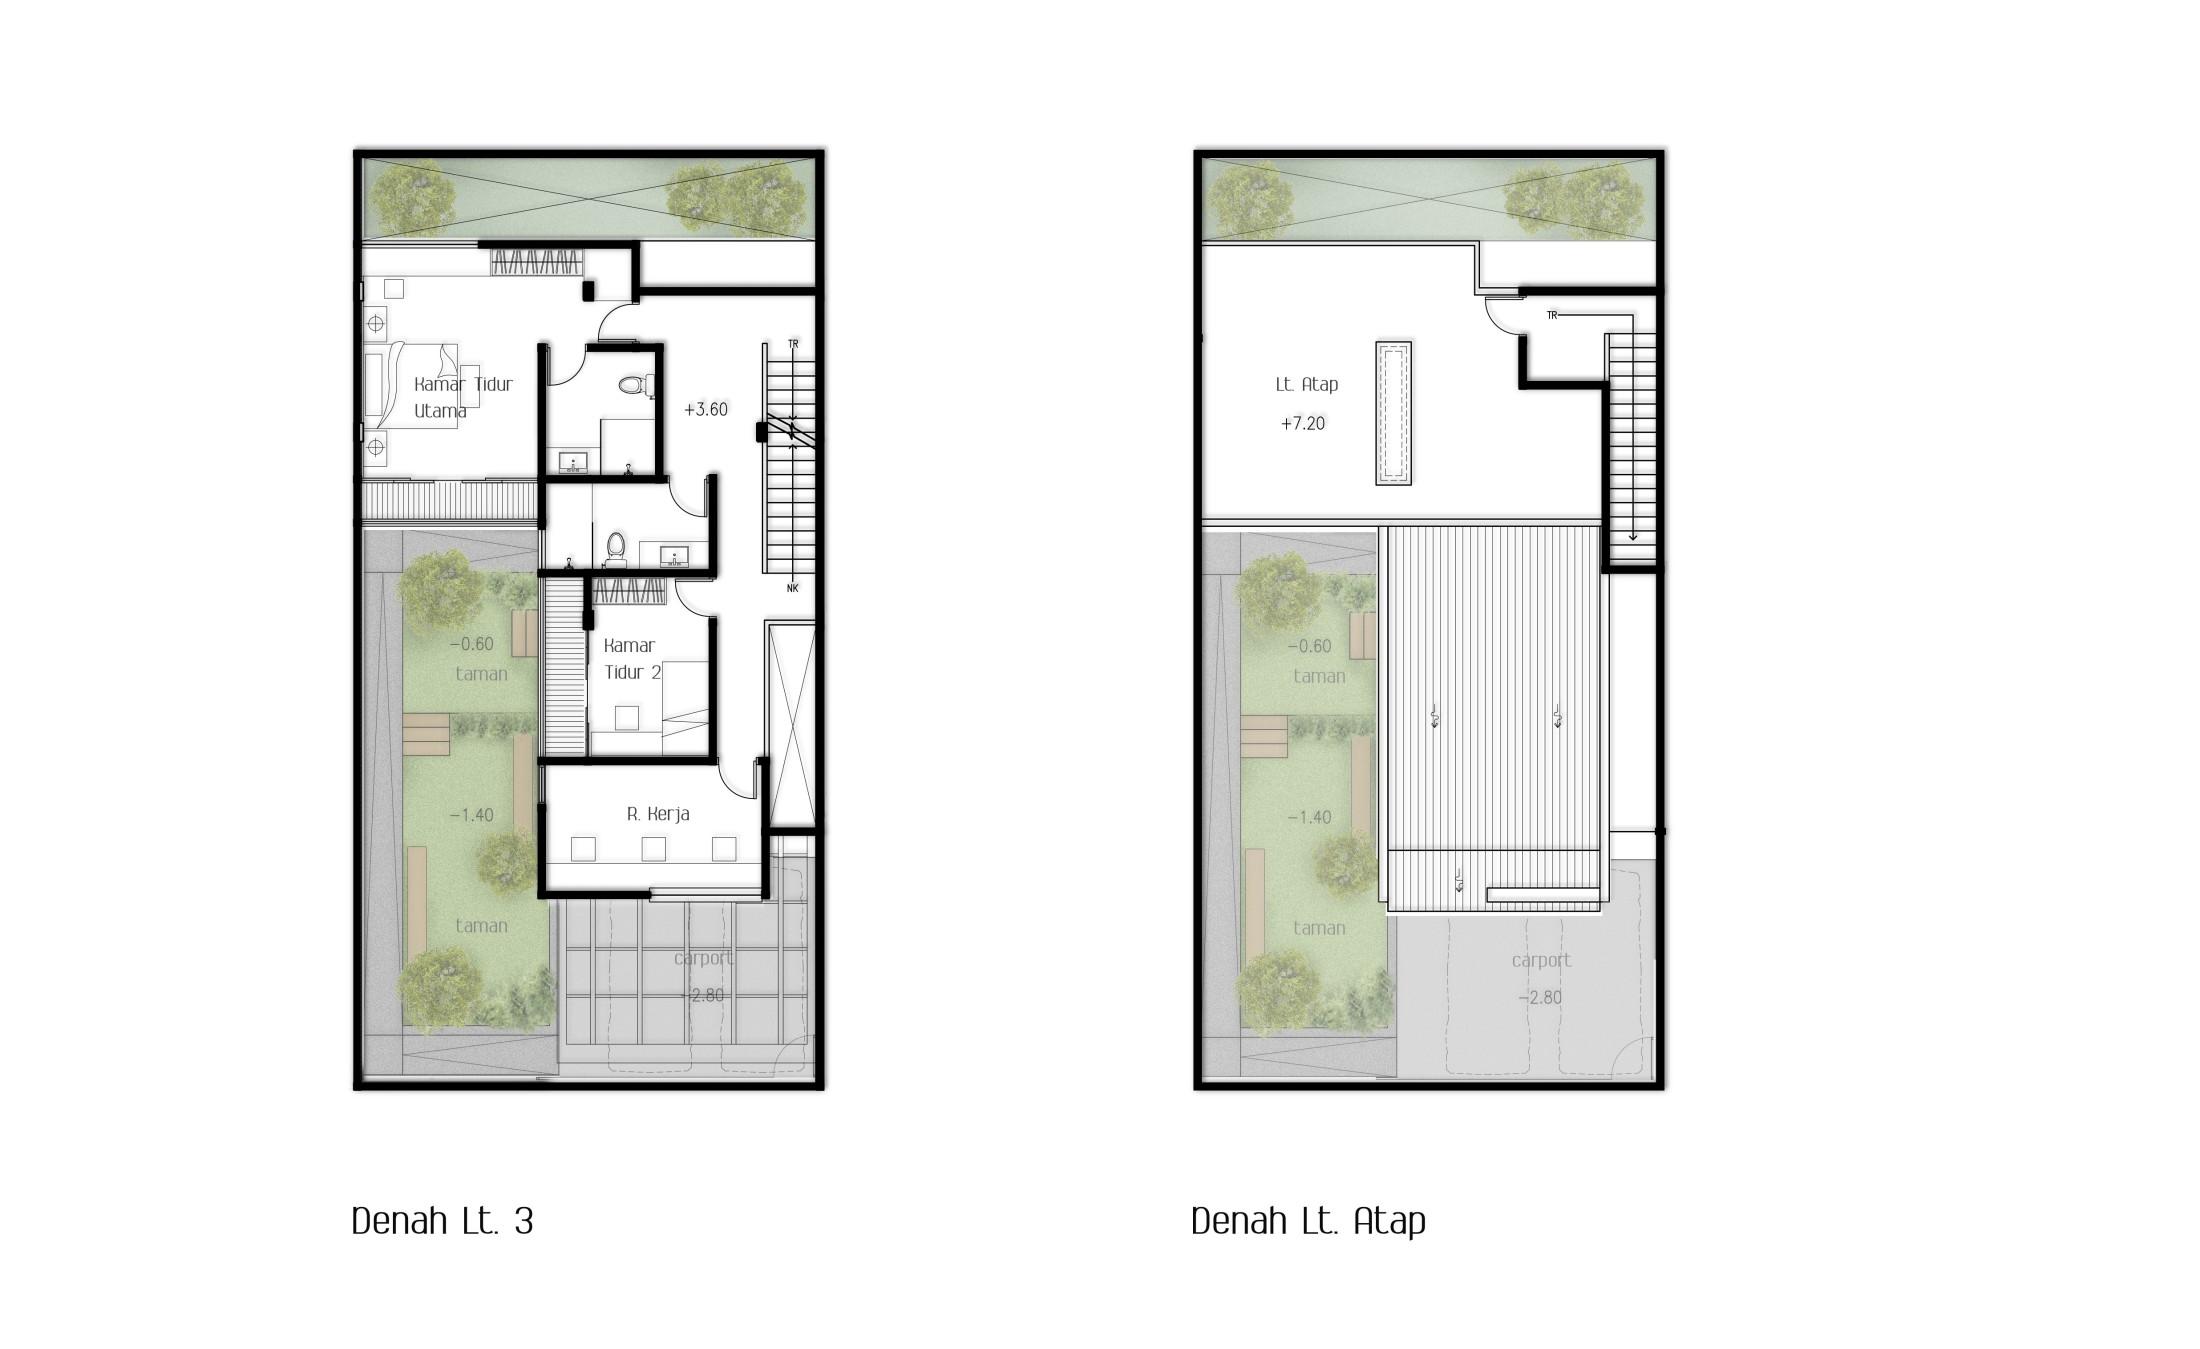 Denah lantai 3 dan rooftop rumah H House // (Dok: Arete Studio)